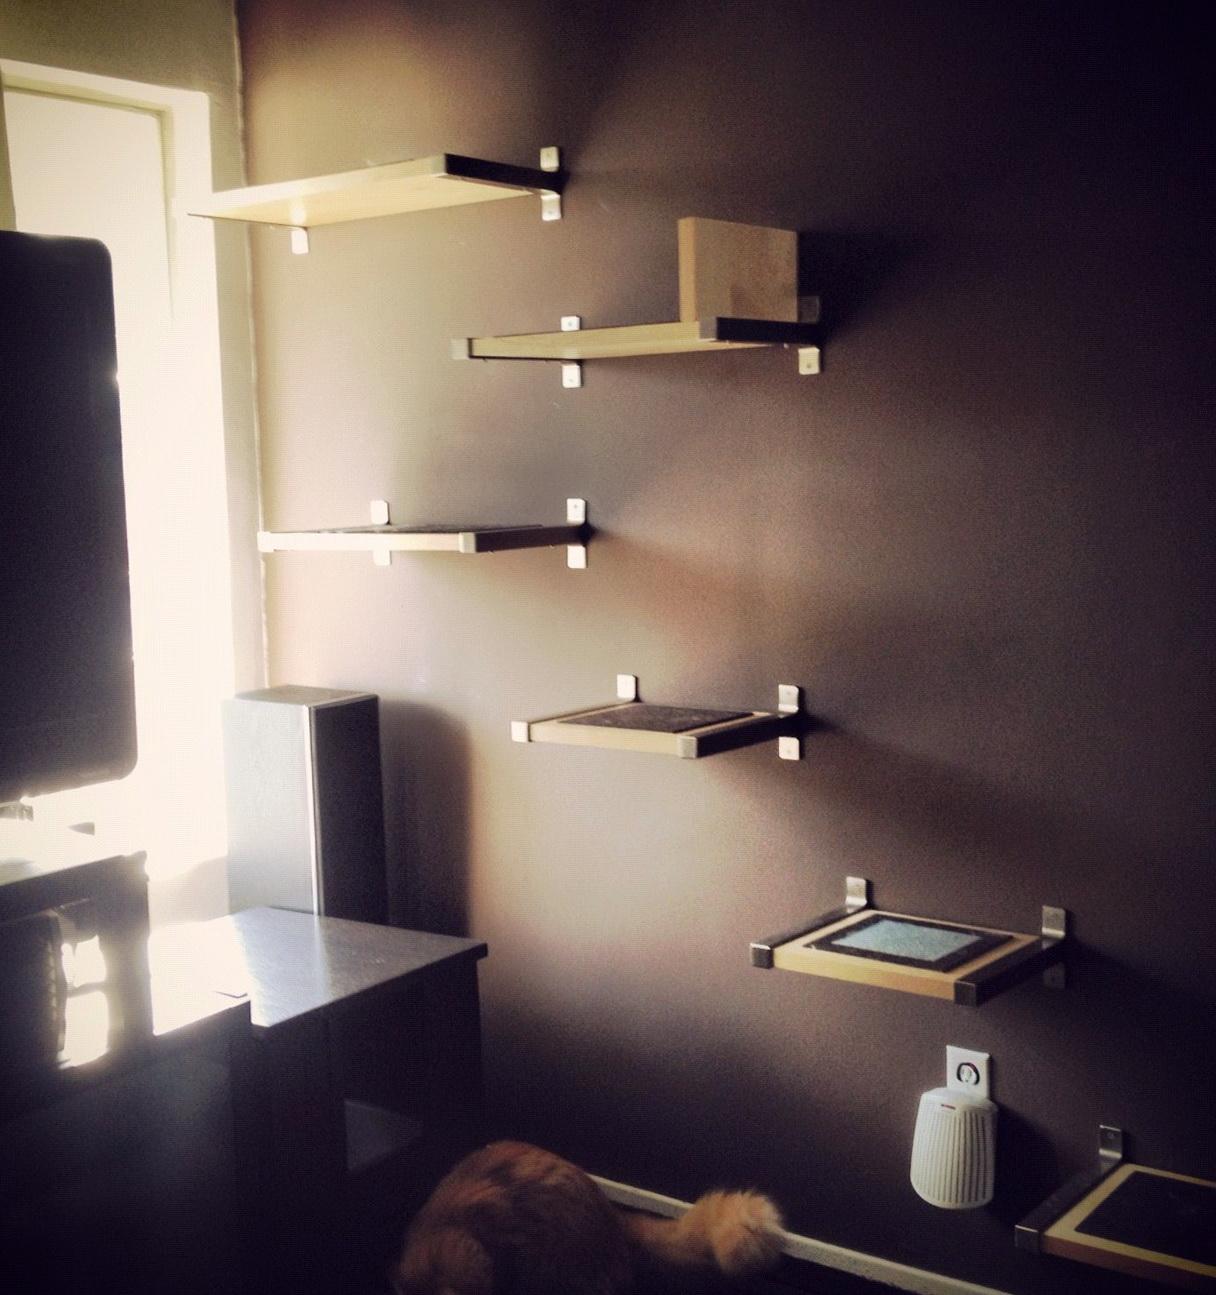 Ikea Small Wall Shelves